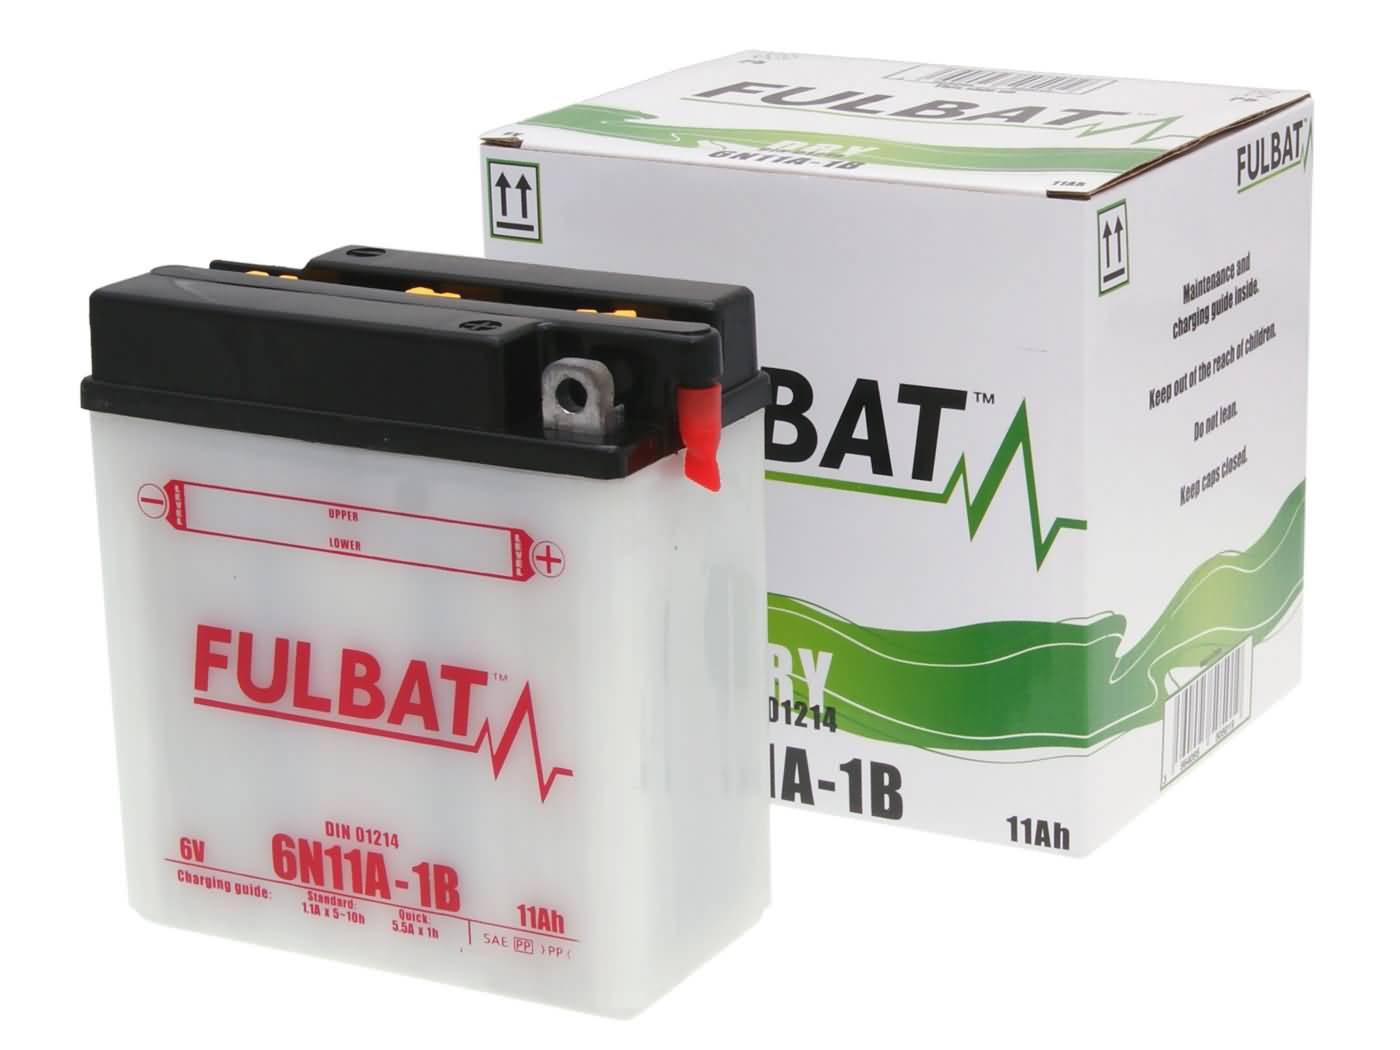 Fulbat 6V 6N11A-1B DRY száraz akkumulátor + savcsomag